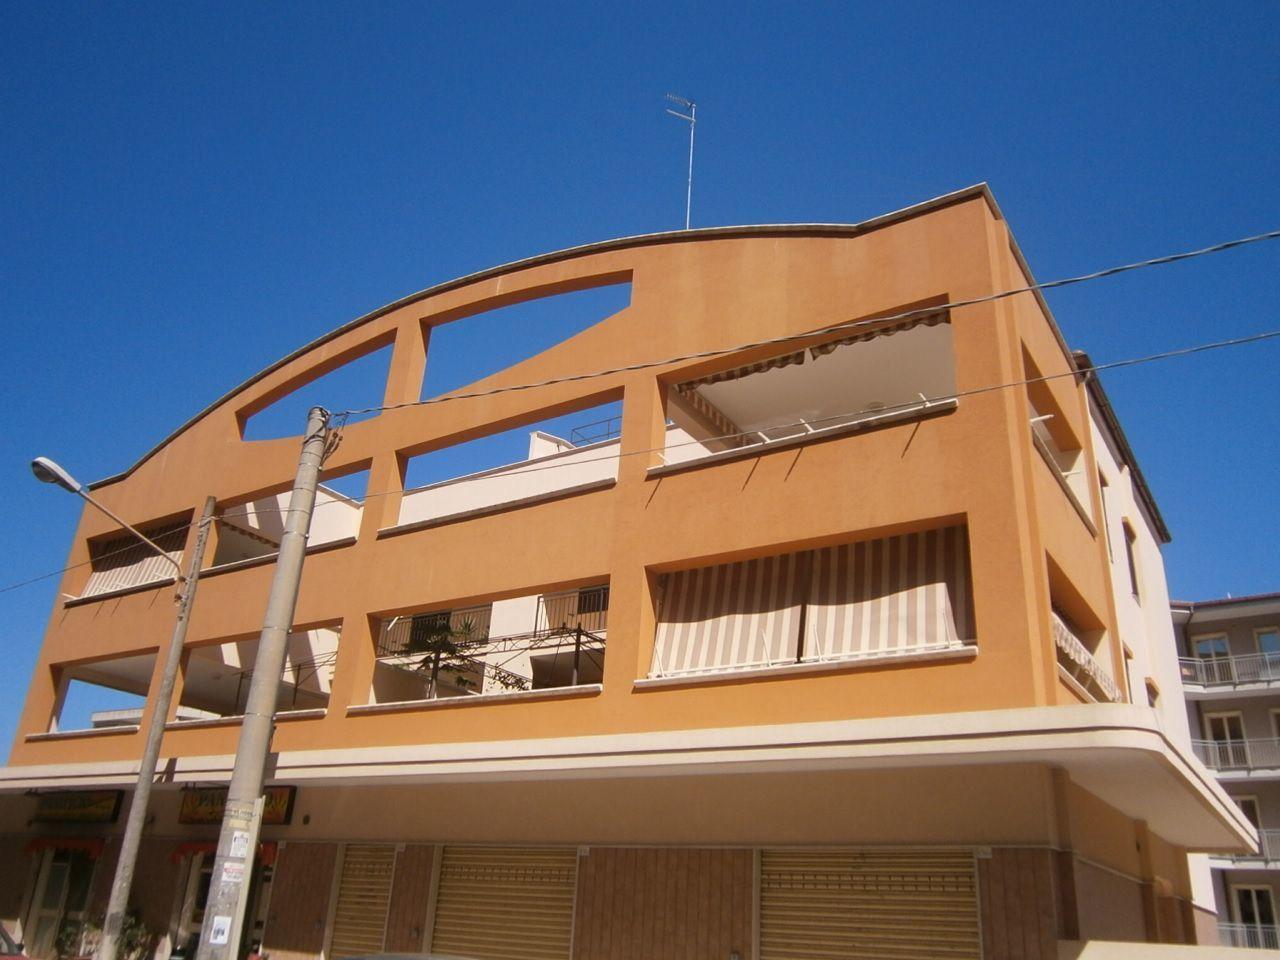 mansarda sottotetto soffitta solaio vendita siracusa di metri quadrati 65 prezzo 68000 rif ia1097